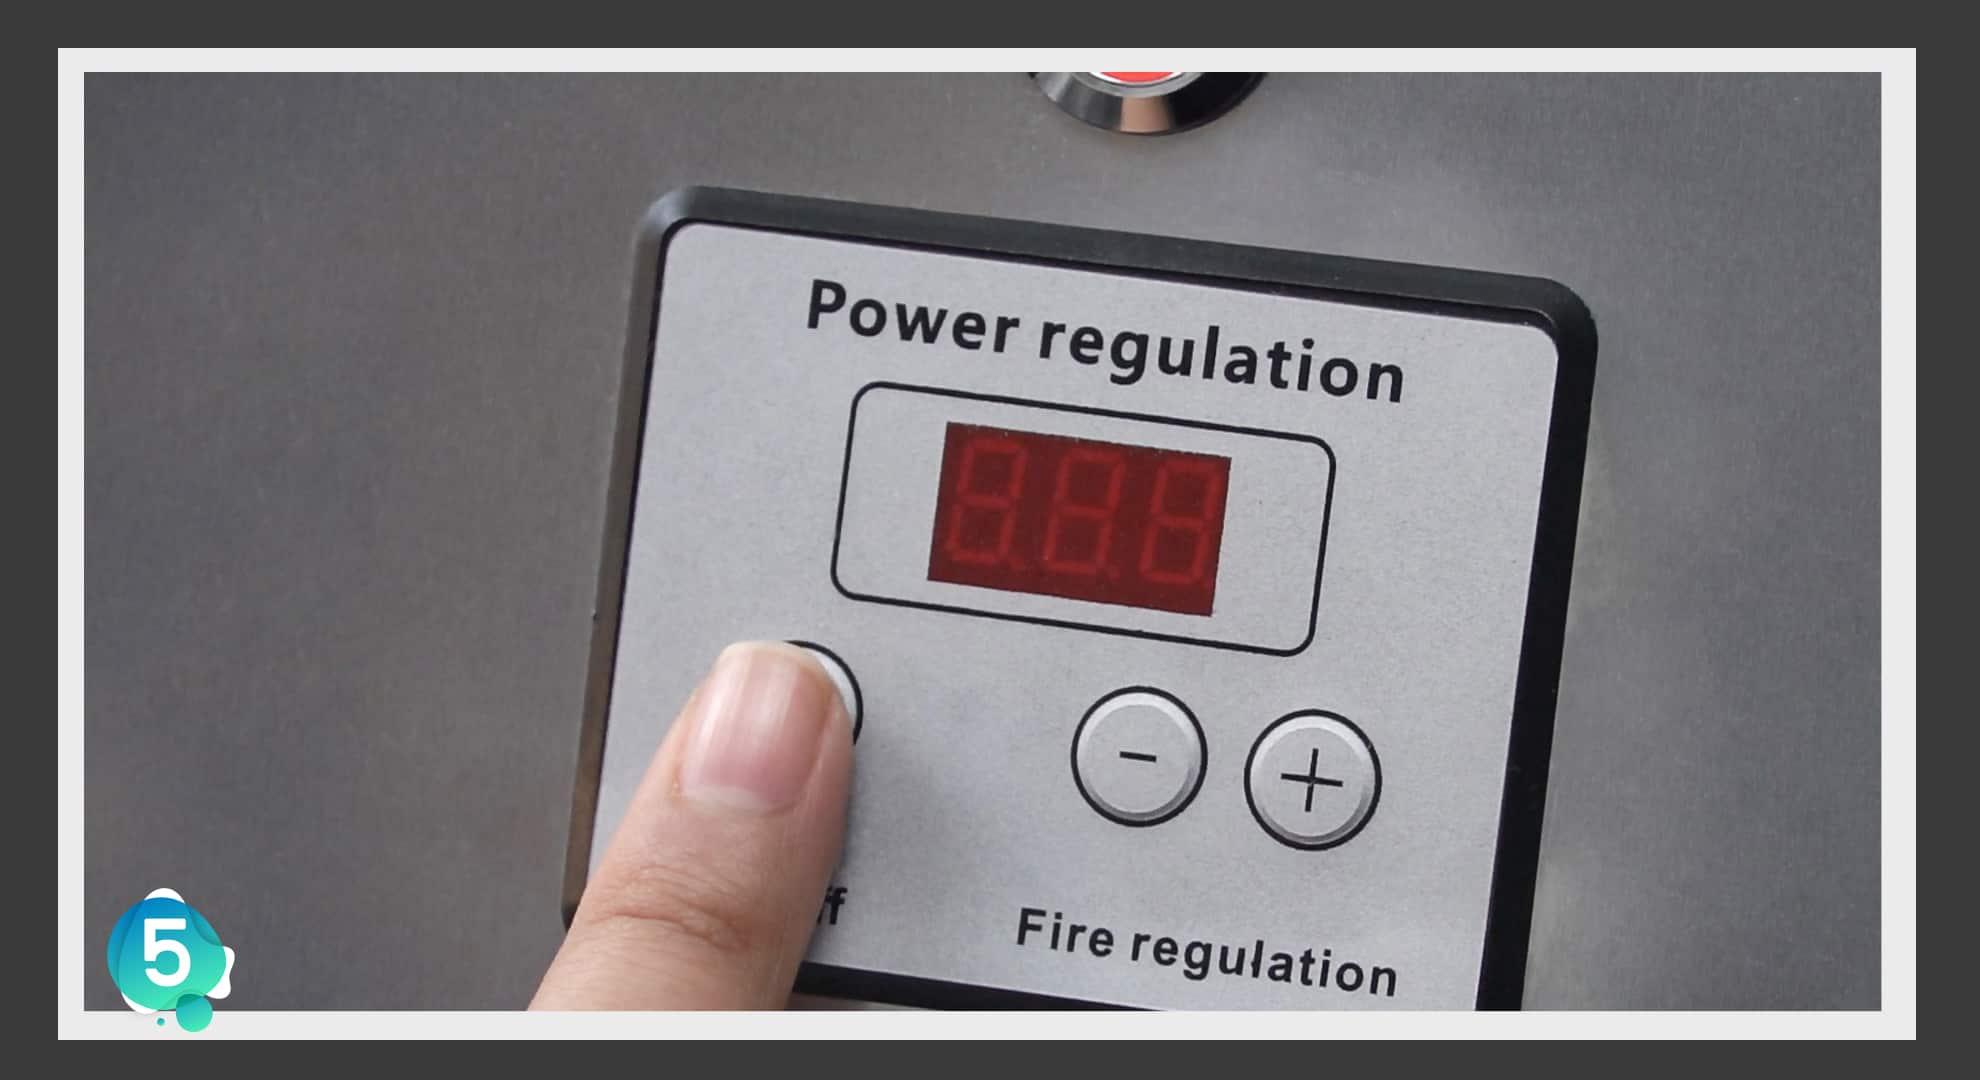 เตาปิ้งไฟฟ้า-GM-IE-ขั้นตอน5